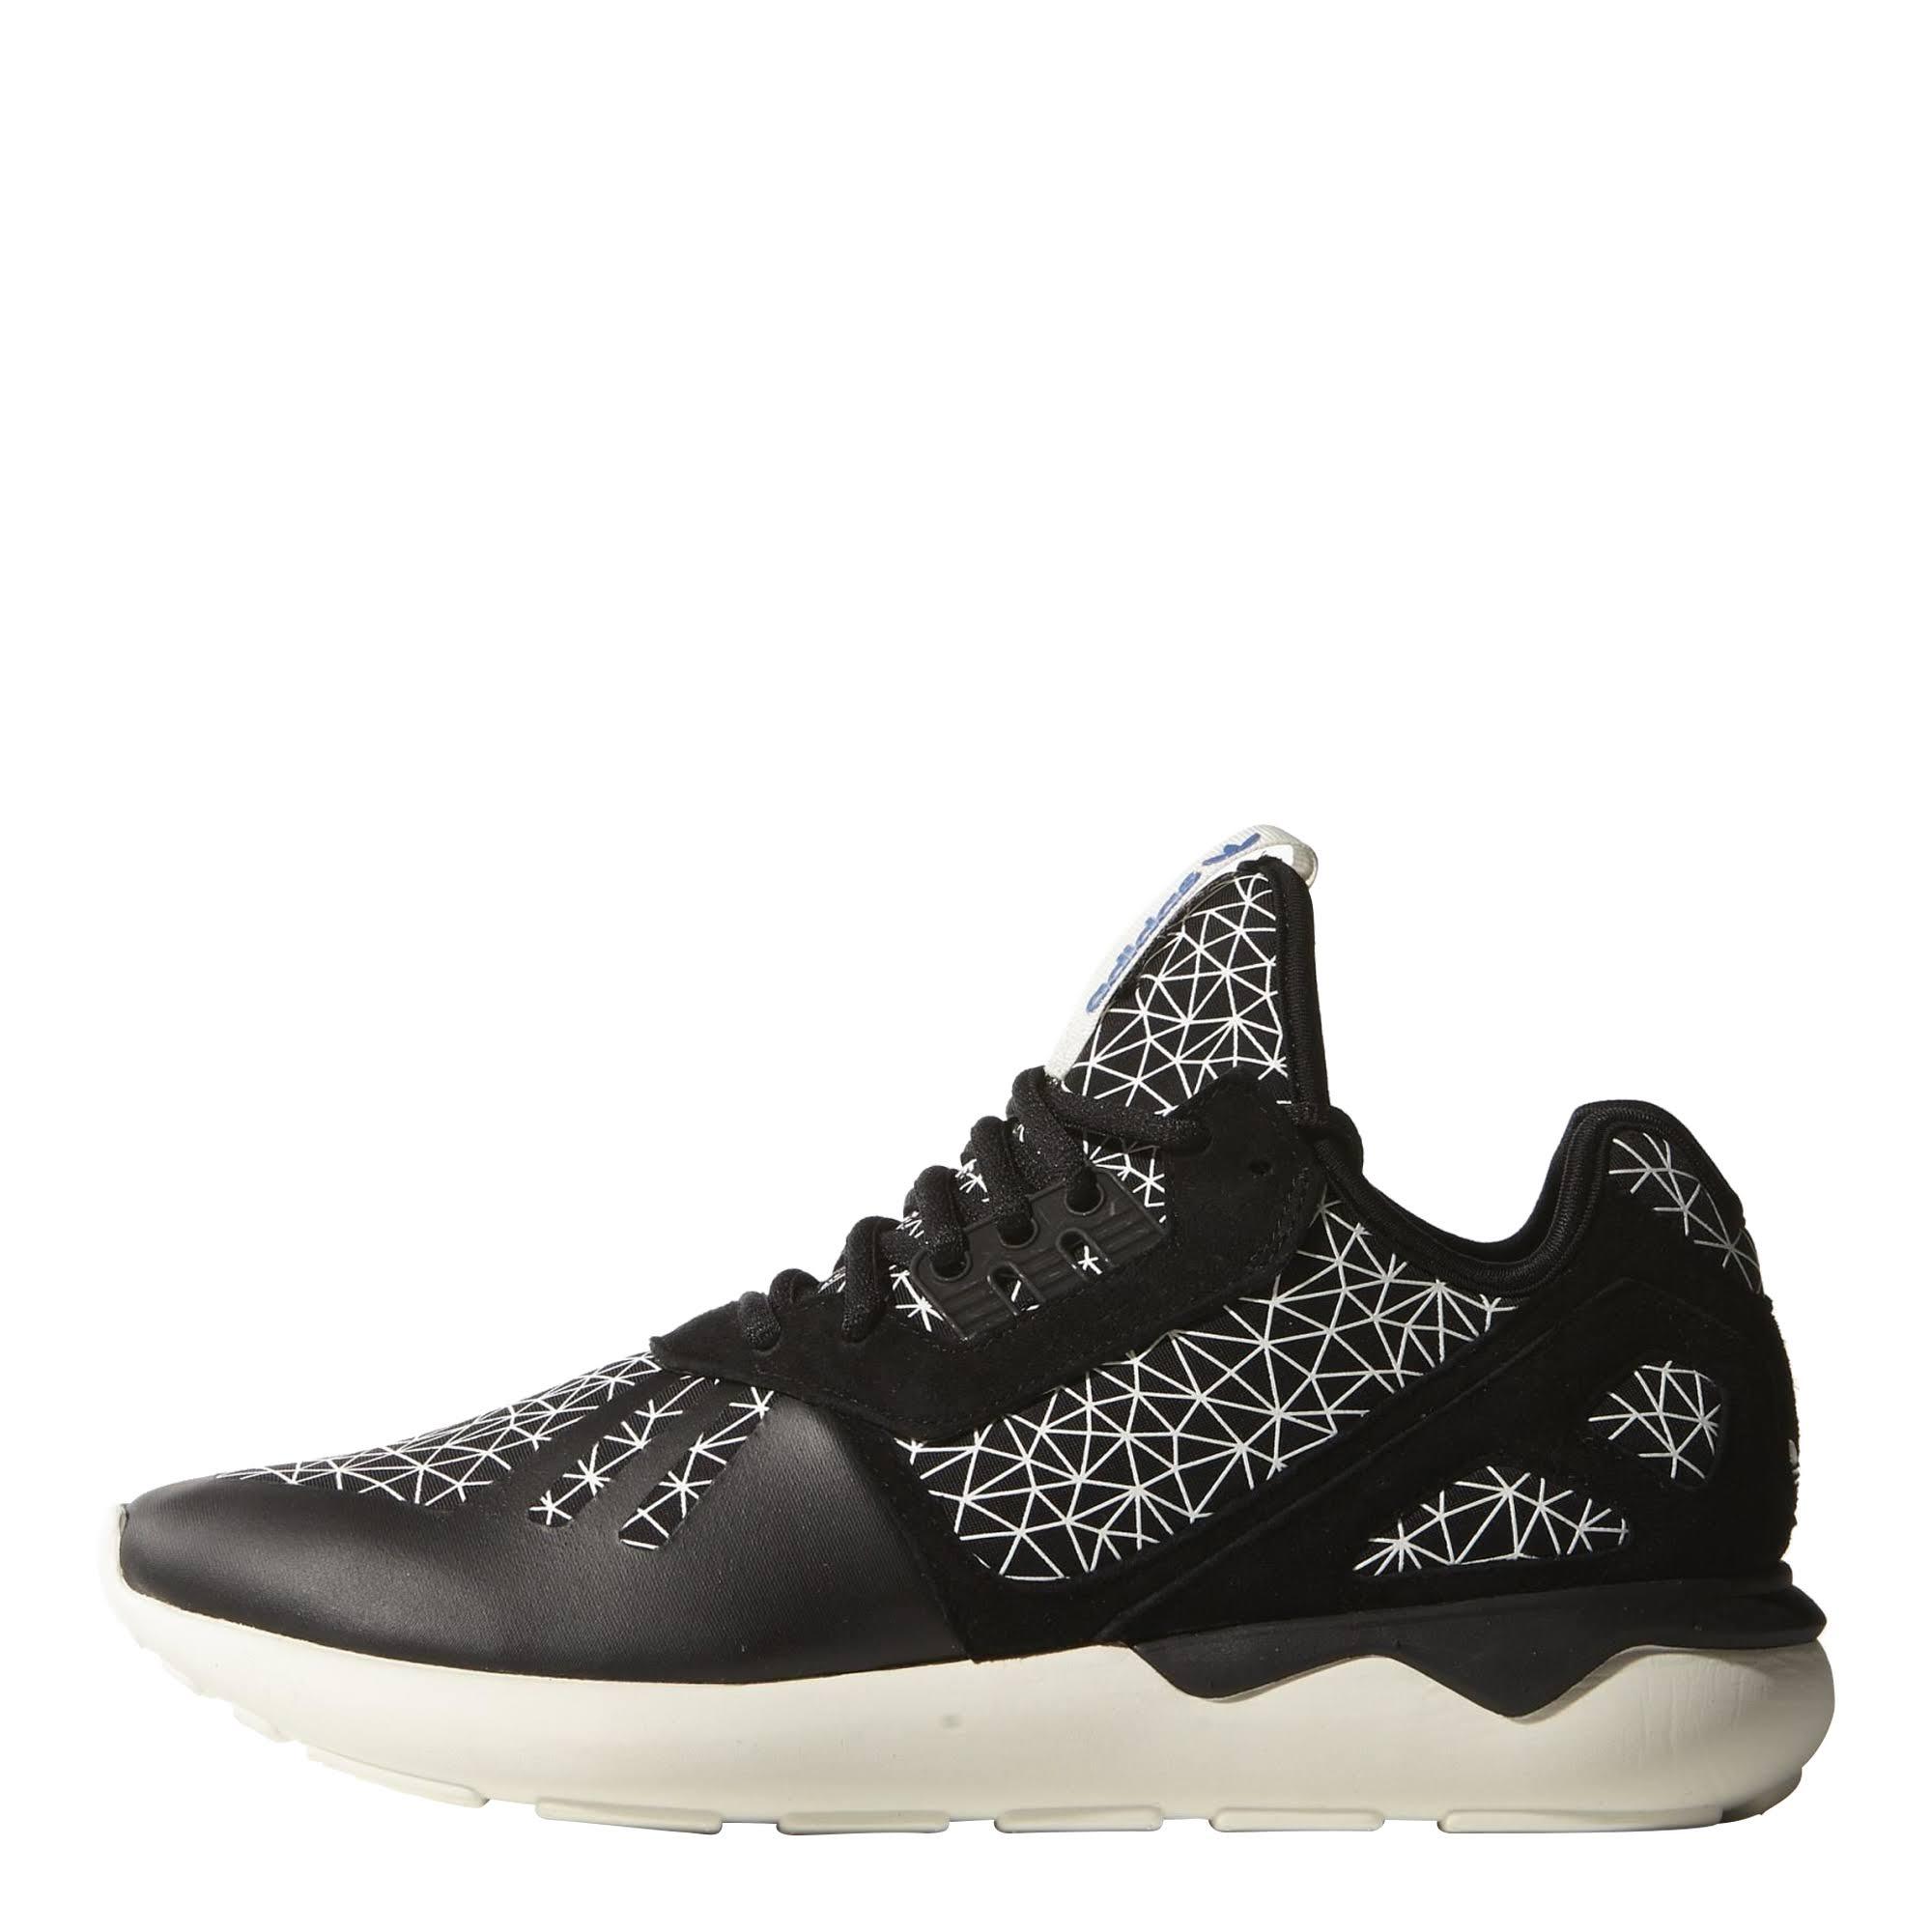 (11) Adidas Tubular Runner Core Black-Off White M19640 Men's